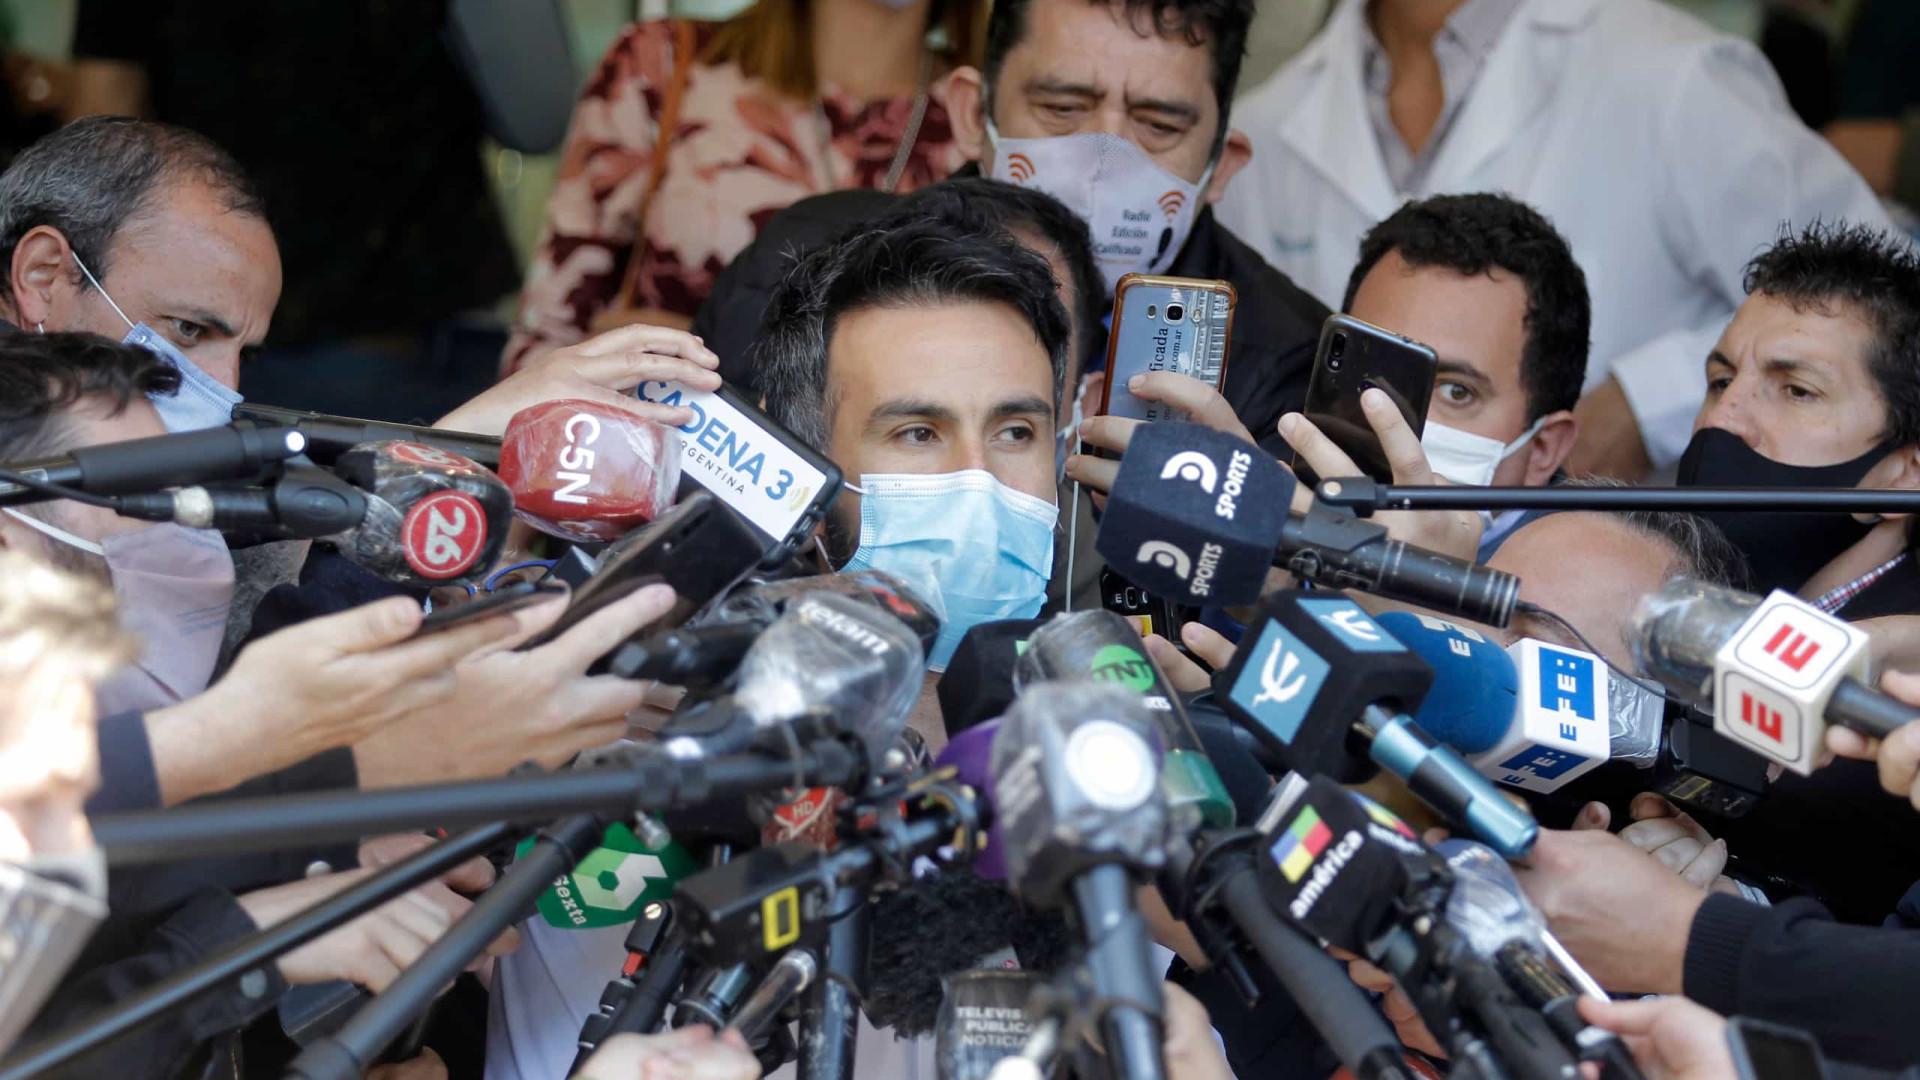 Médico de Maradona vai depor após suspeitas de homicídio involuntário